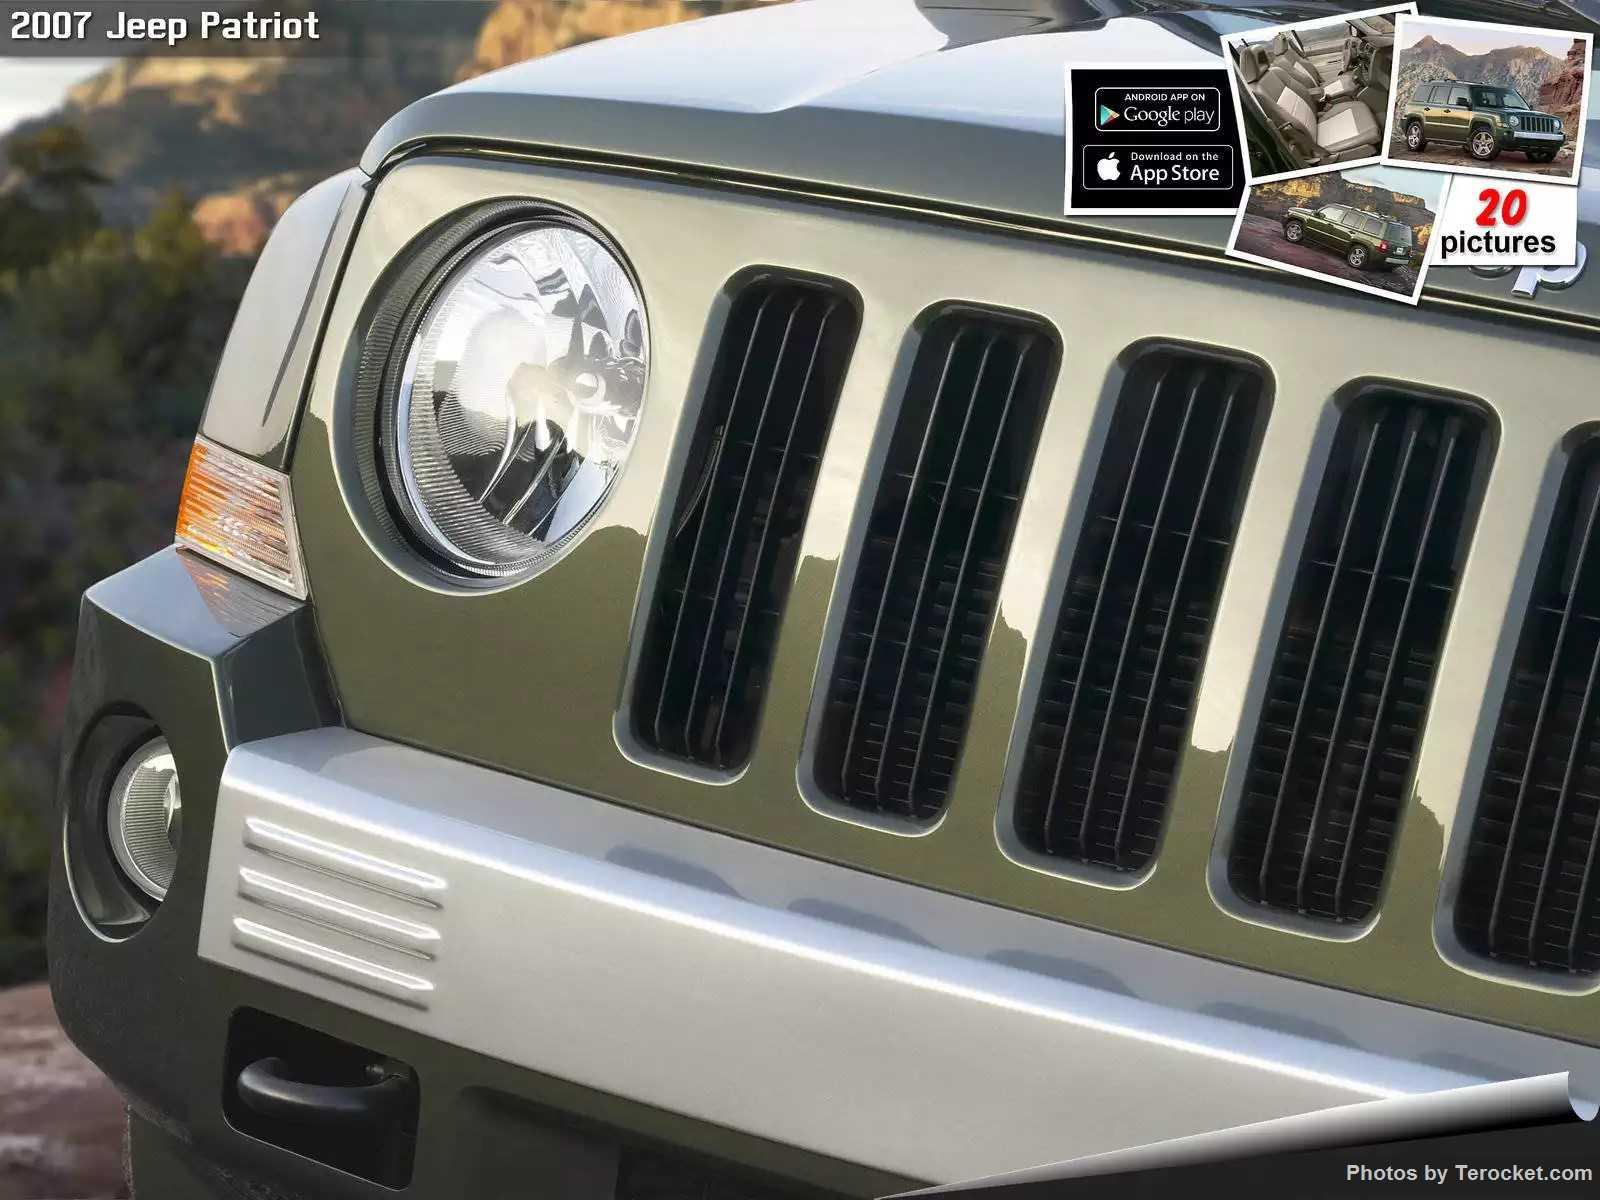 Hình ảnh xe ô tô Jeep Patriot 2007 & nội ngoại thất